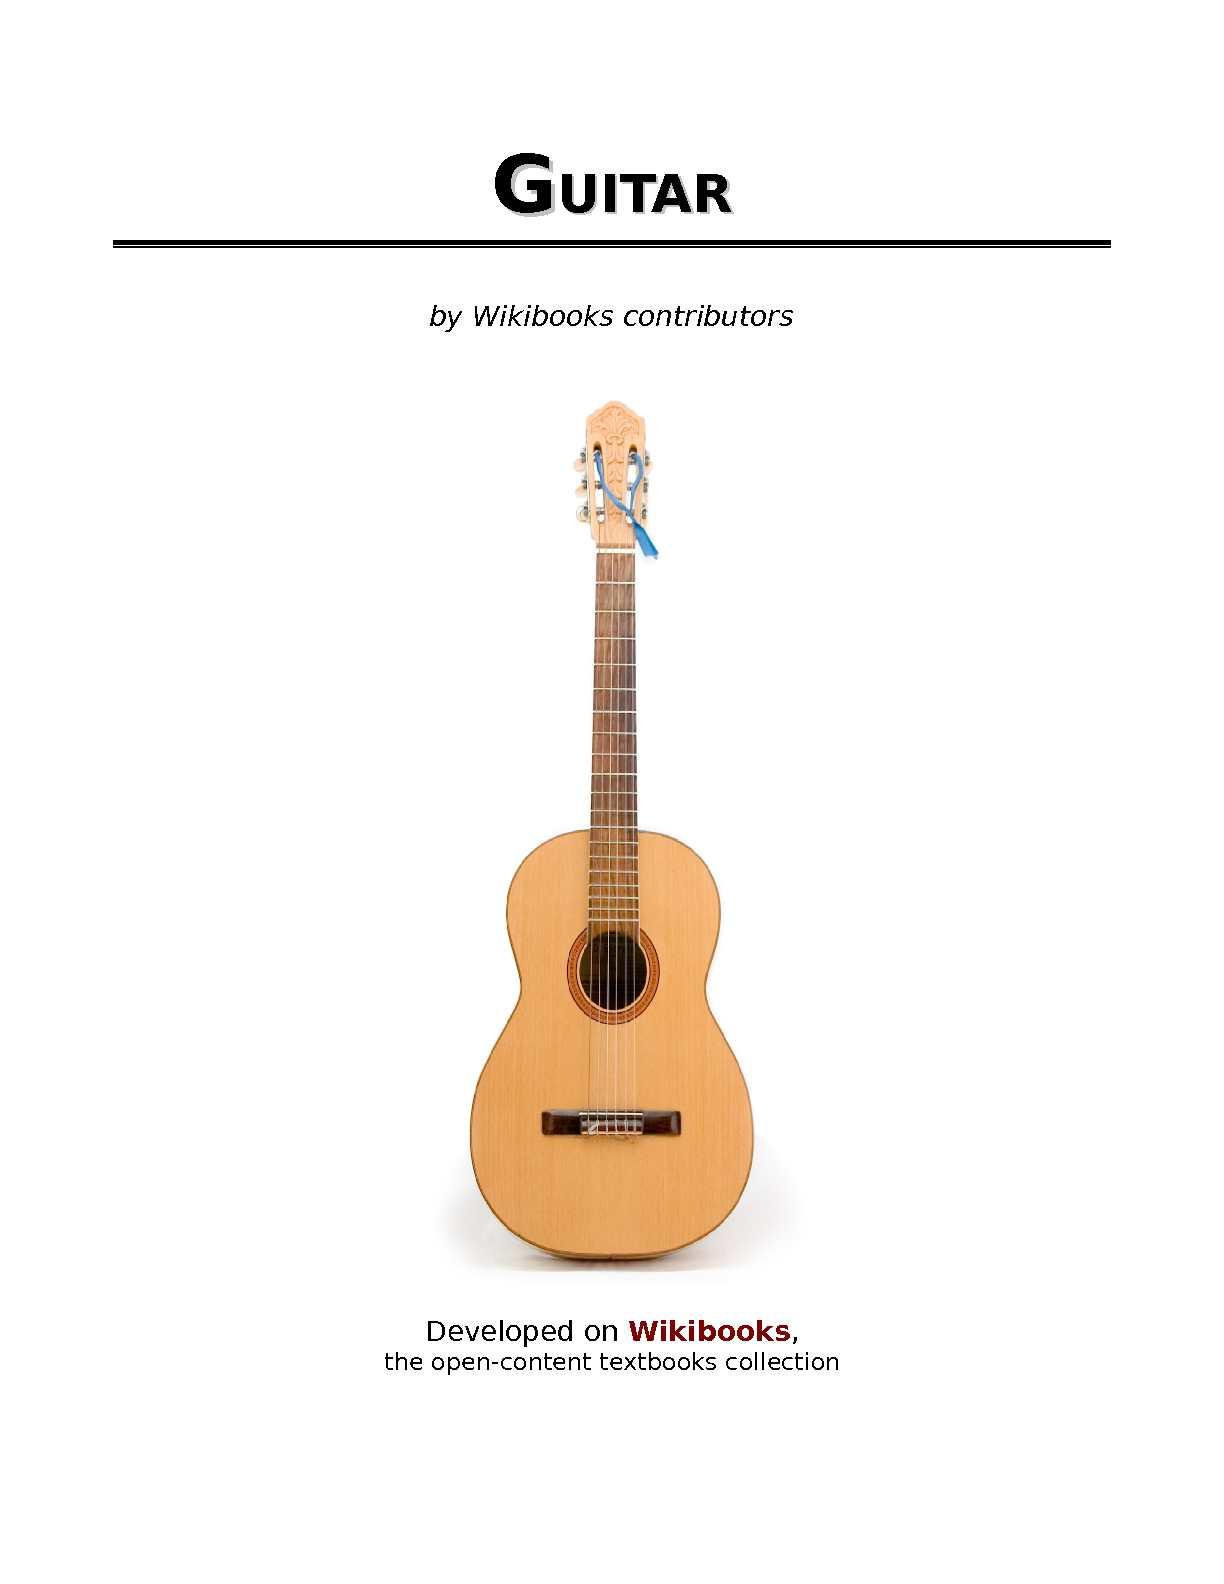 Calamo Guitar Wikibook